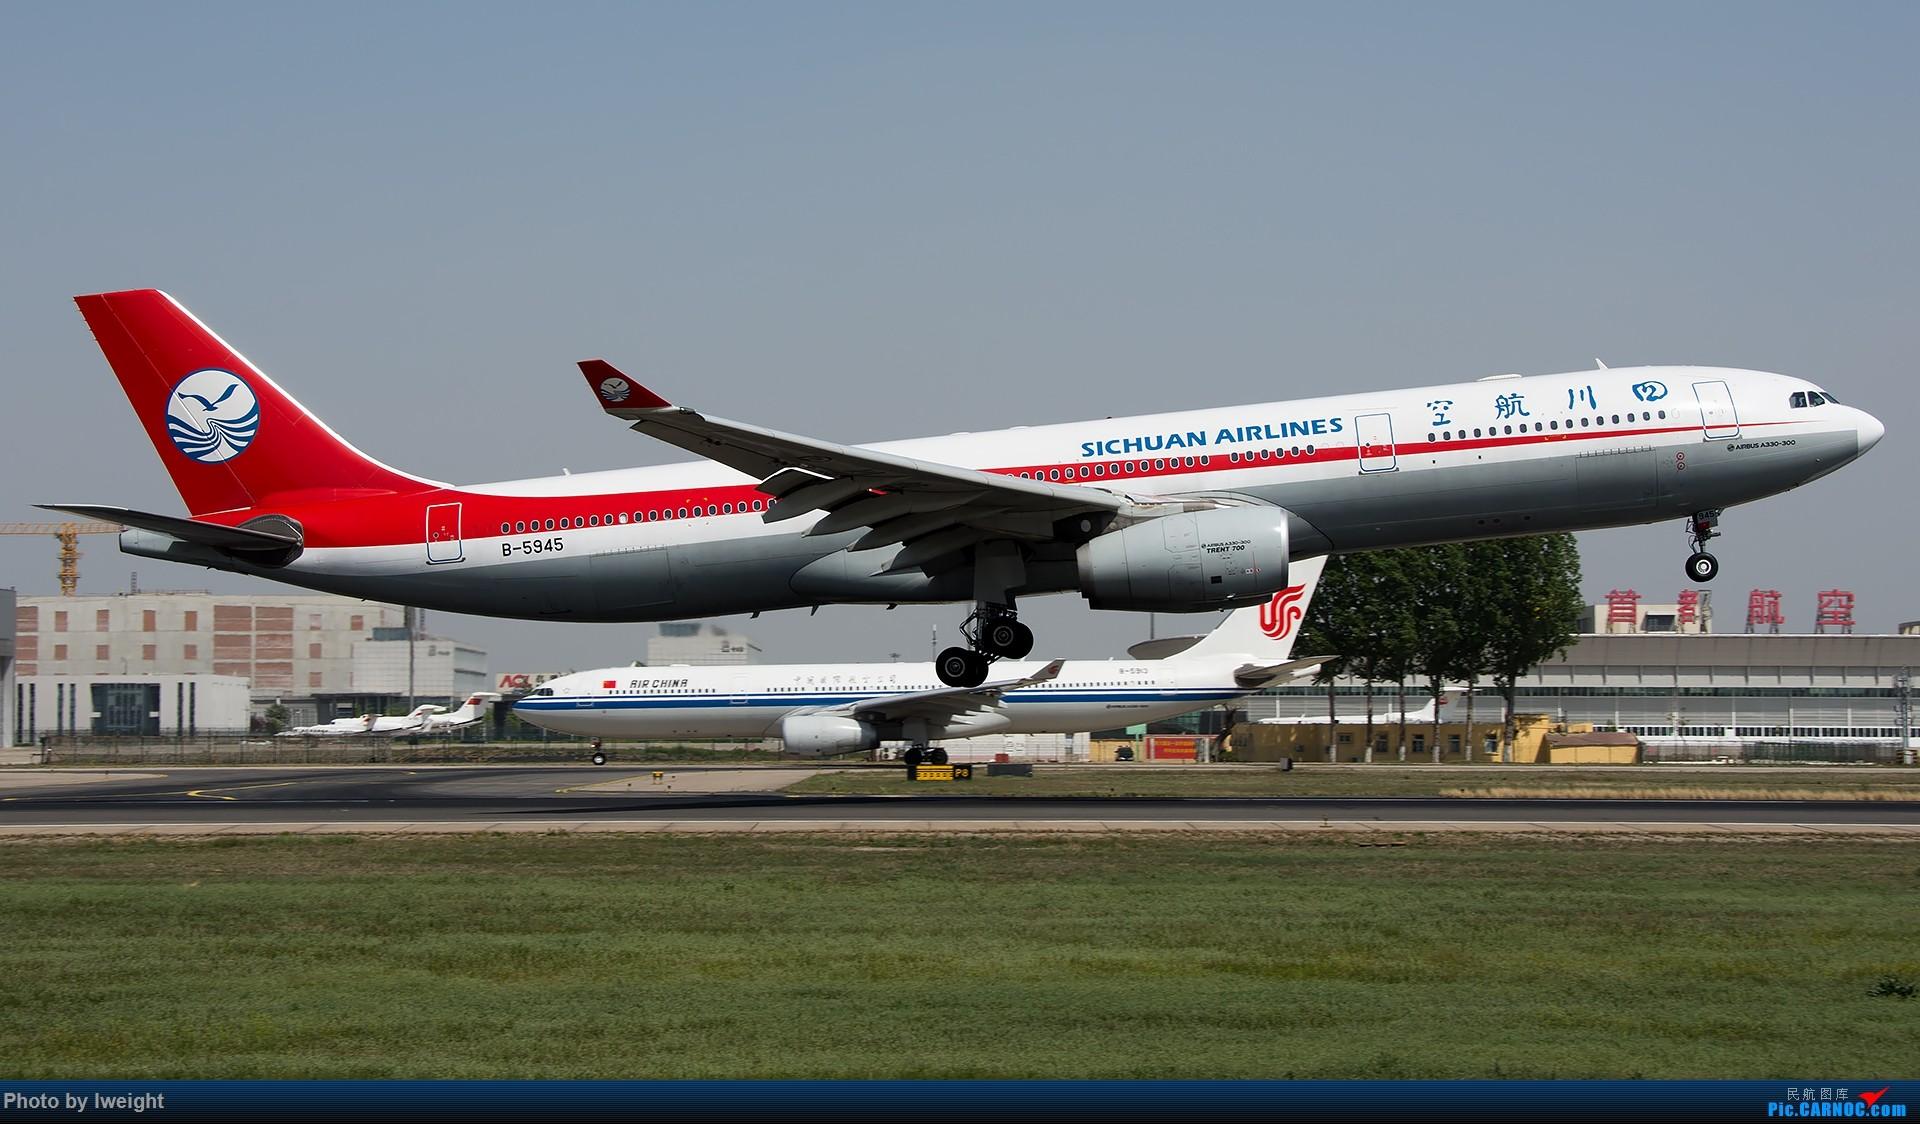 Re:[原创]天气晴朗,继续守候18R【多图】 AIRBUS A330-300 B-5945 中国北京首都国际机场